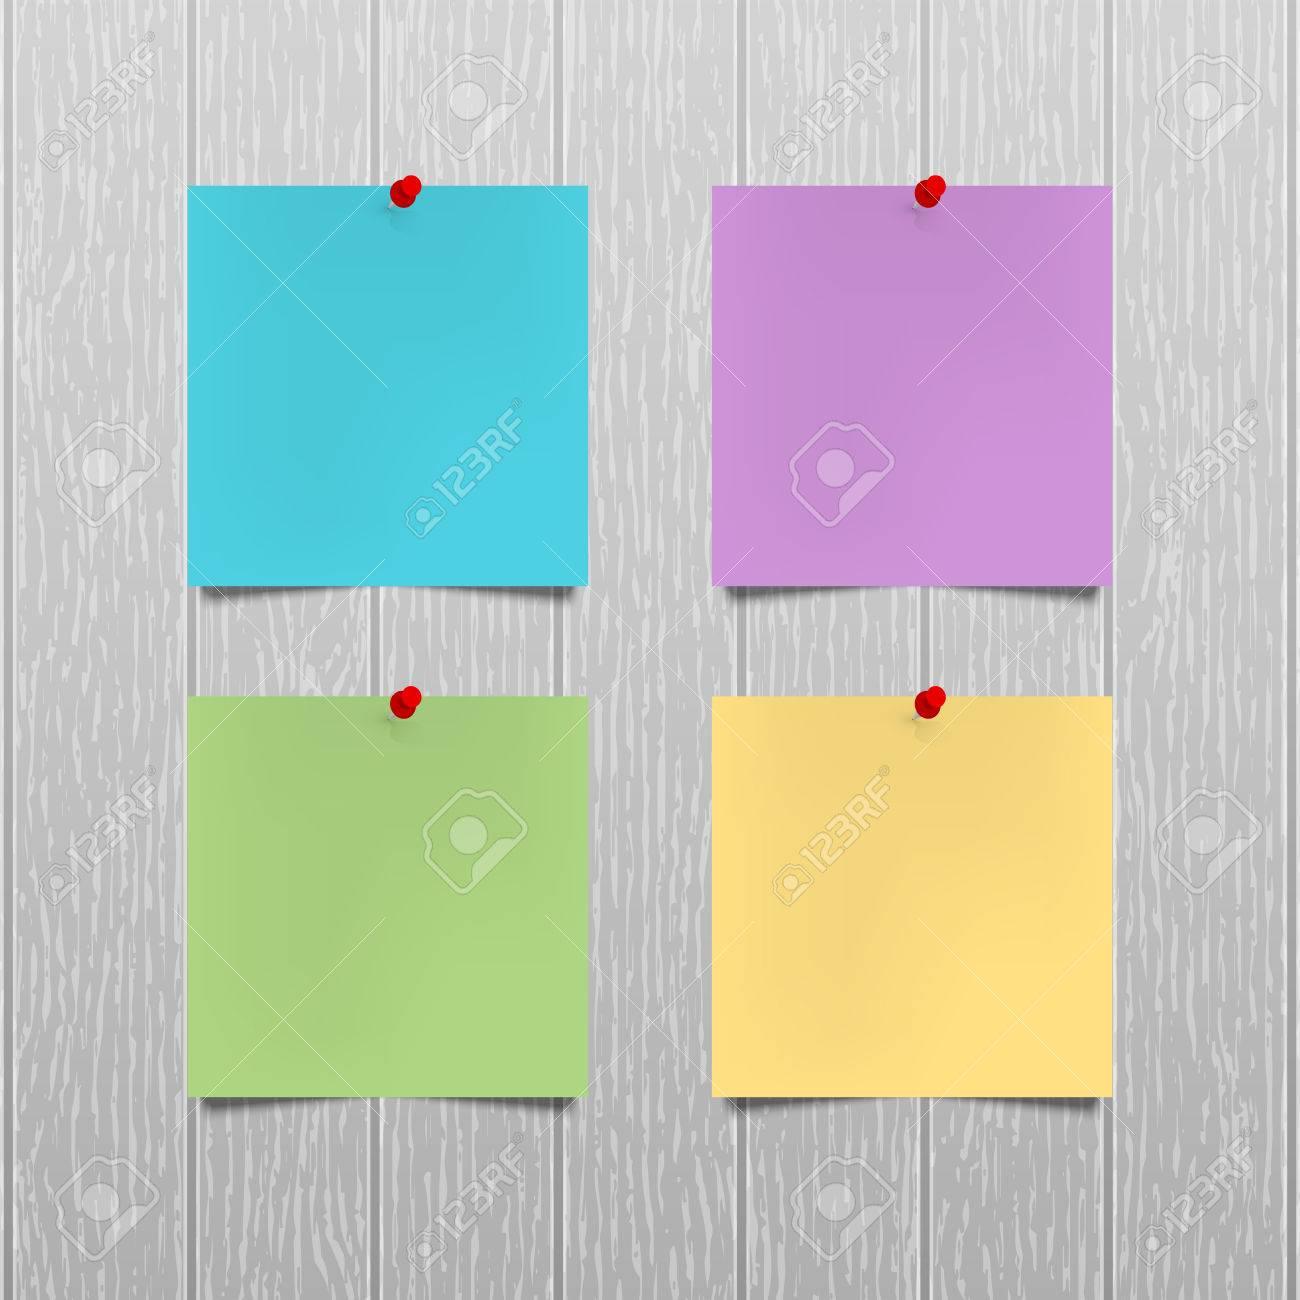 Couleur Avec Du Rouge des feuilles de papier de couleur avec un rouge punaises accrochées sur un  mur en bois gris. ébauches vides, des notes. entreprise de bureau modèle